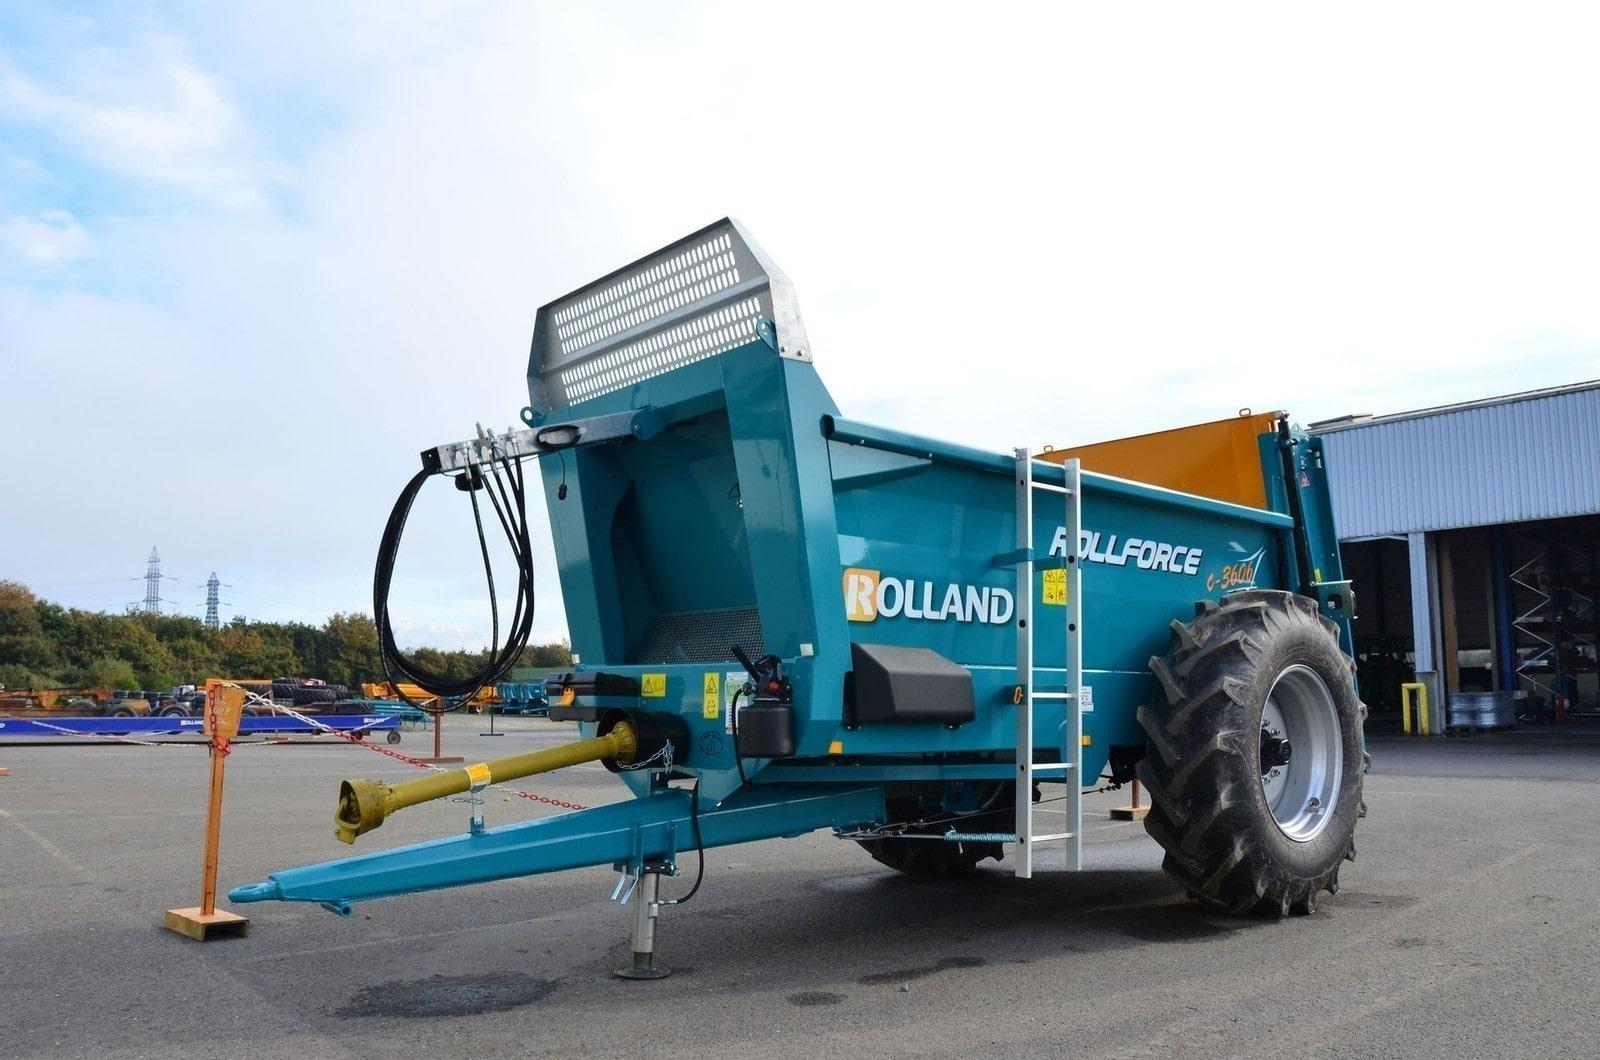 ollforce compact 3706 tørrgjødselvogn